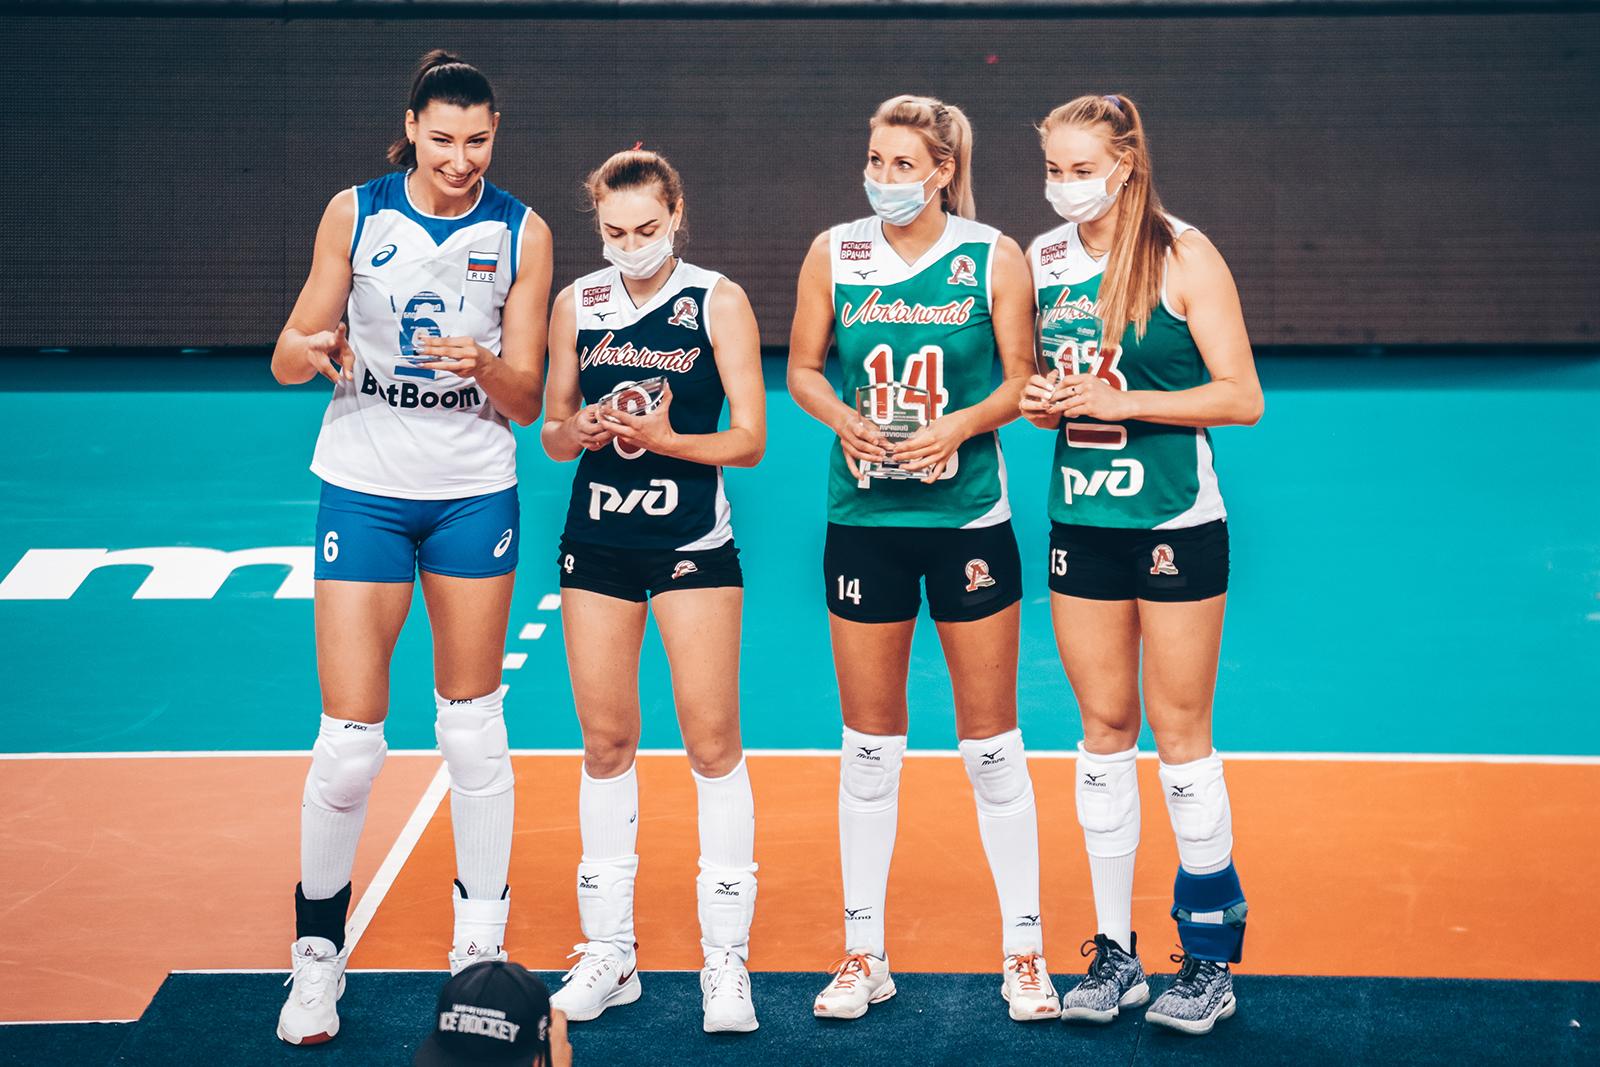 финал кубка россии по волейболу калининград фото они скучали дому